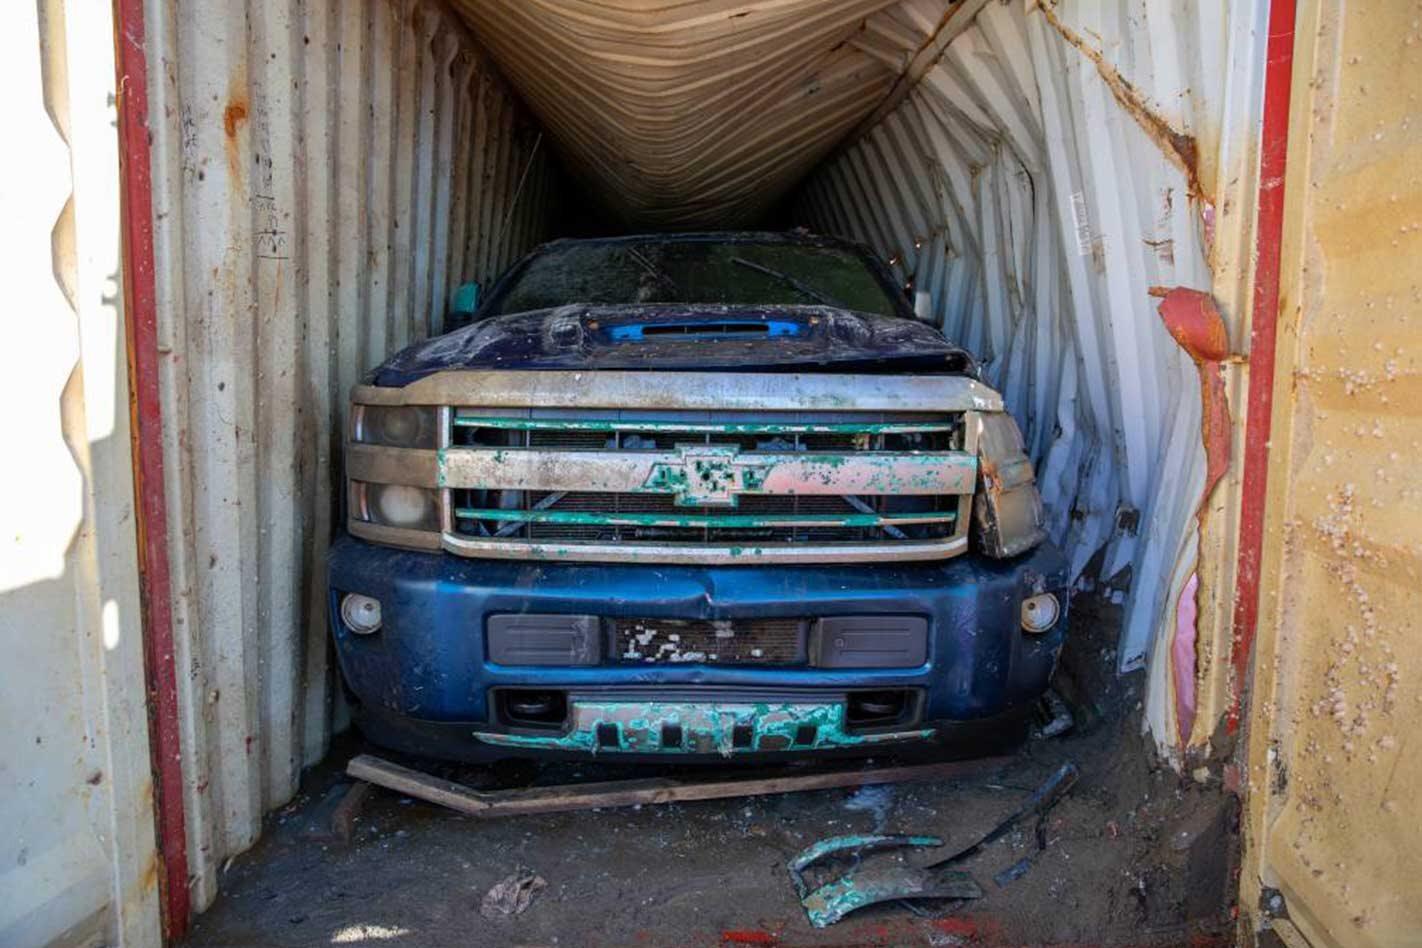 Sunken Chevrolet Silverado 2500s salvaged